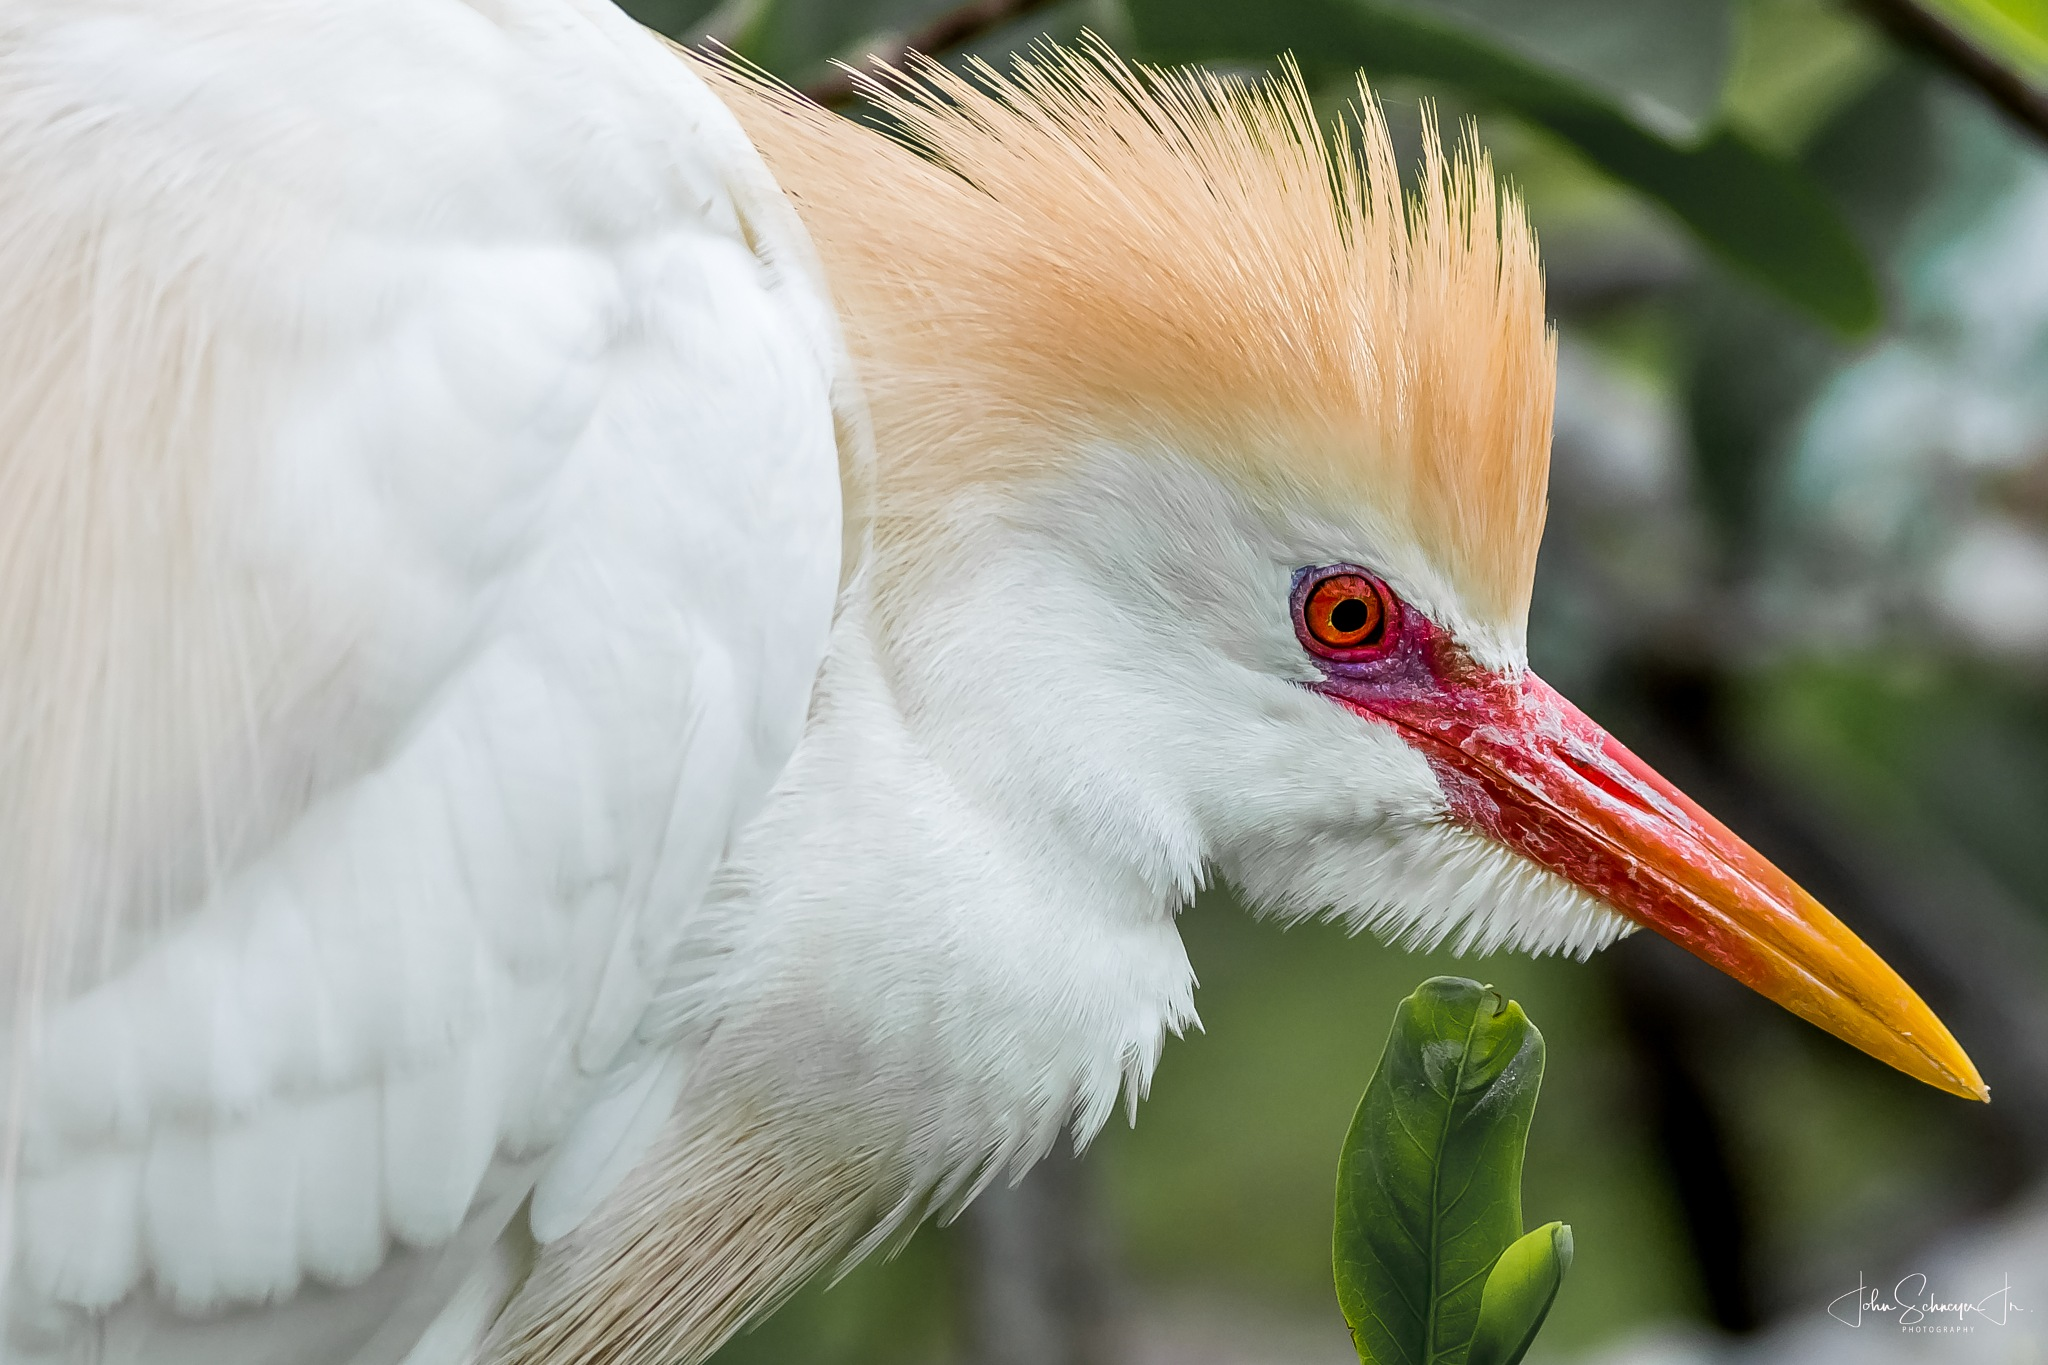 Cattle Egret by John Schneyer